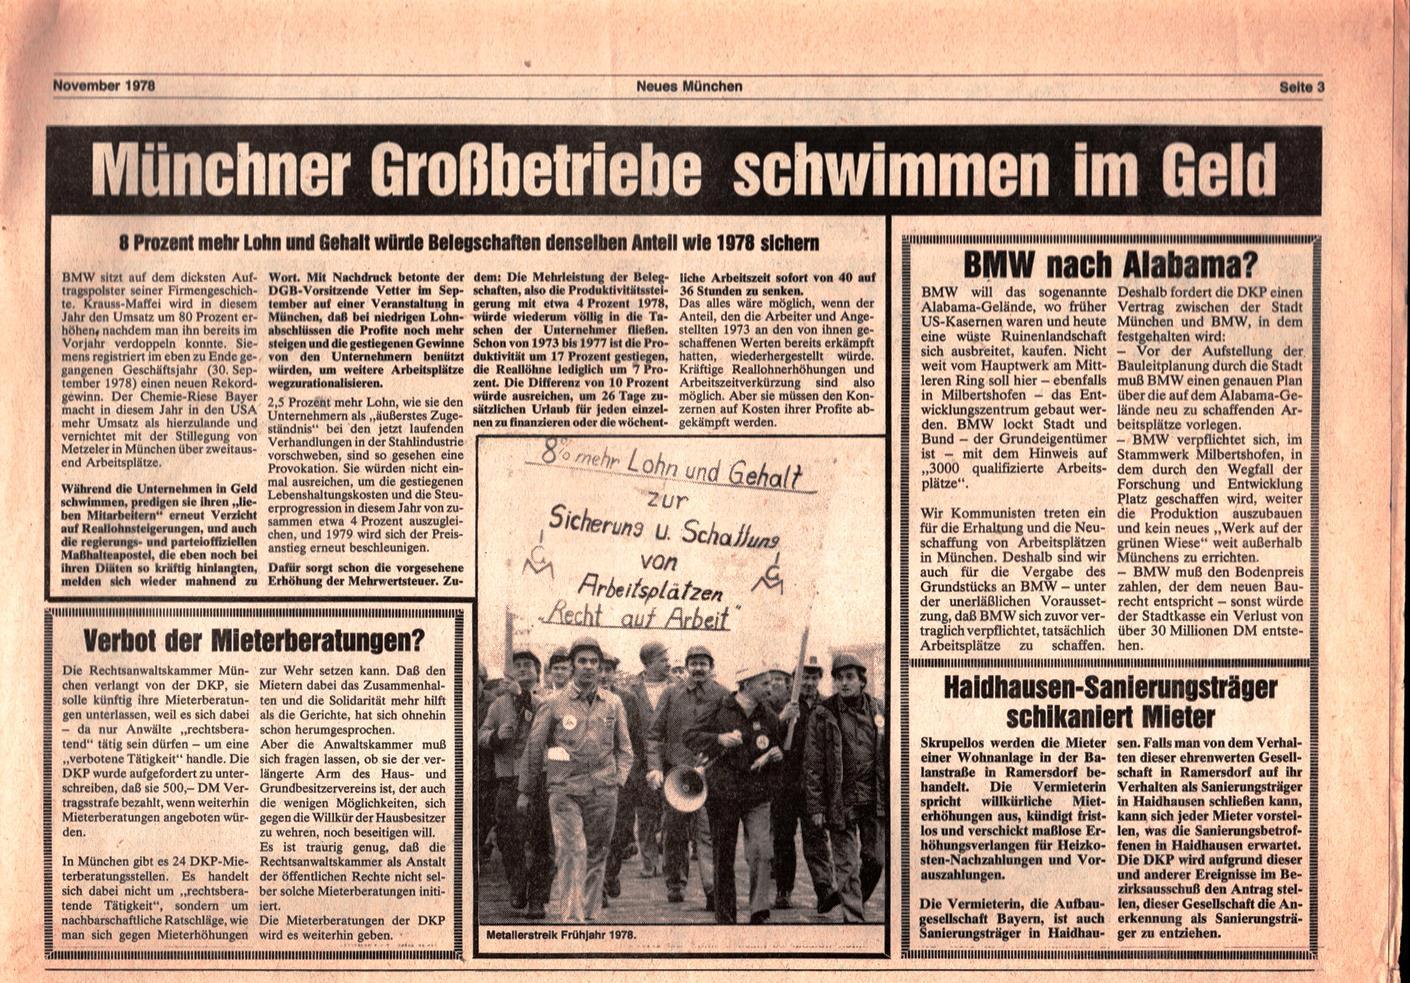 Muenchen_DKP_Neues_Muenchen_19781100_011_005